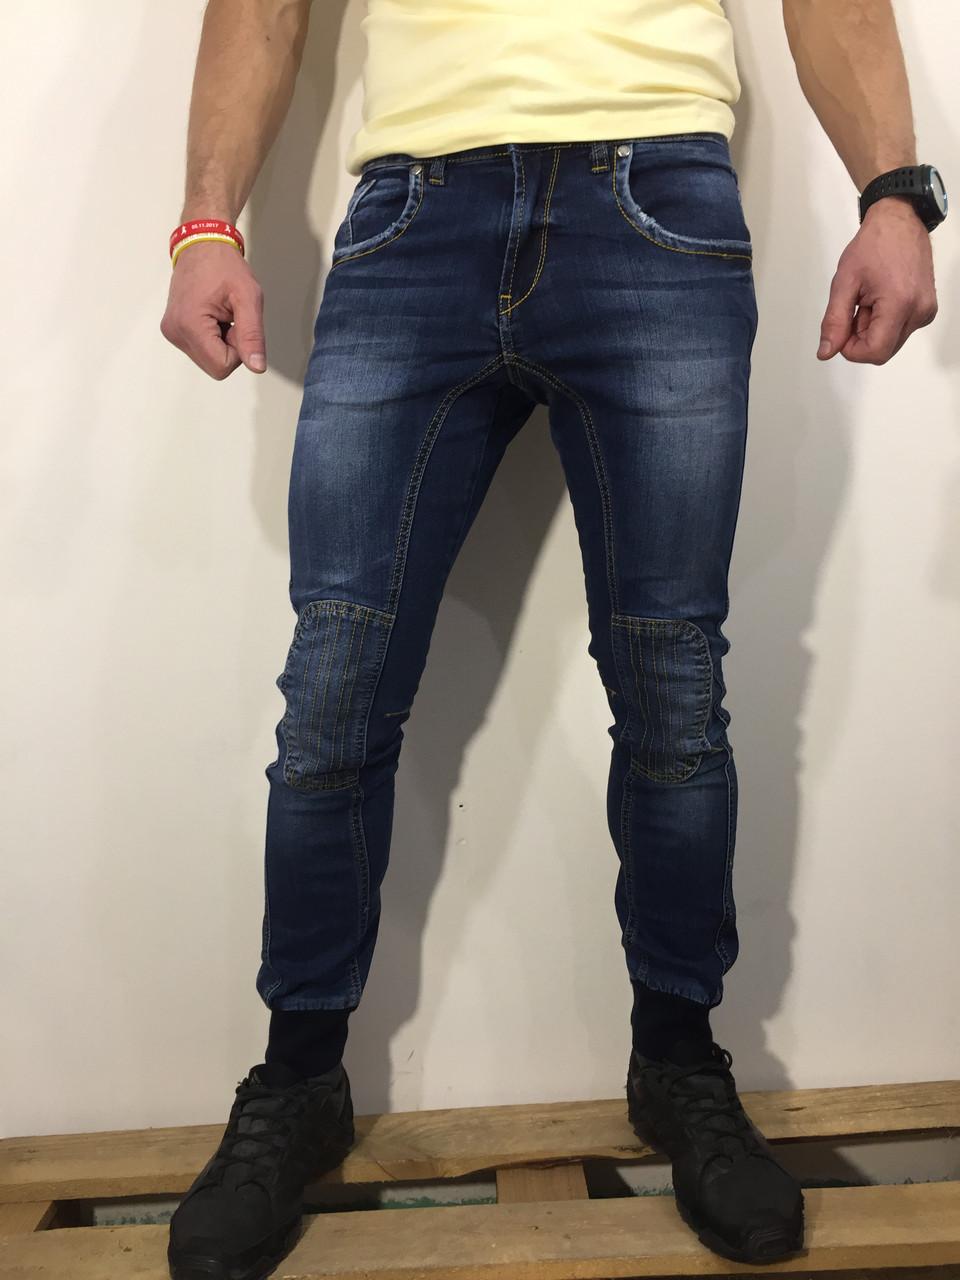 Чоловічі джинси INFOR'S HOMME DENIM оригінал 105758 сині 28-33